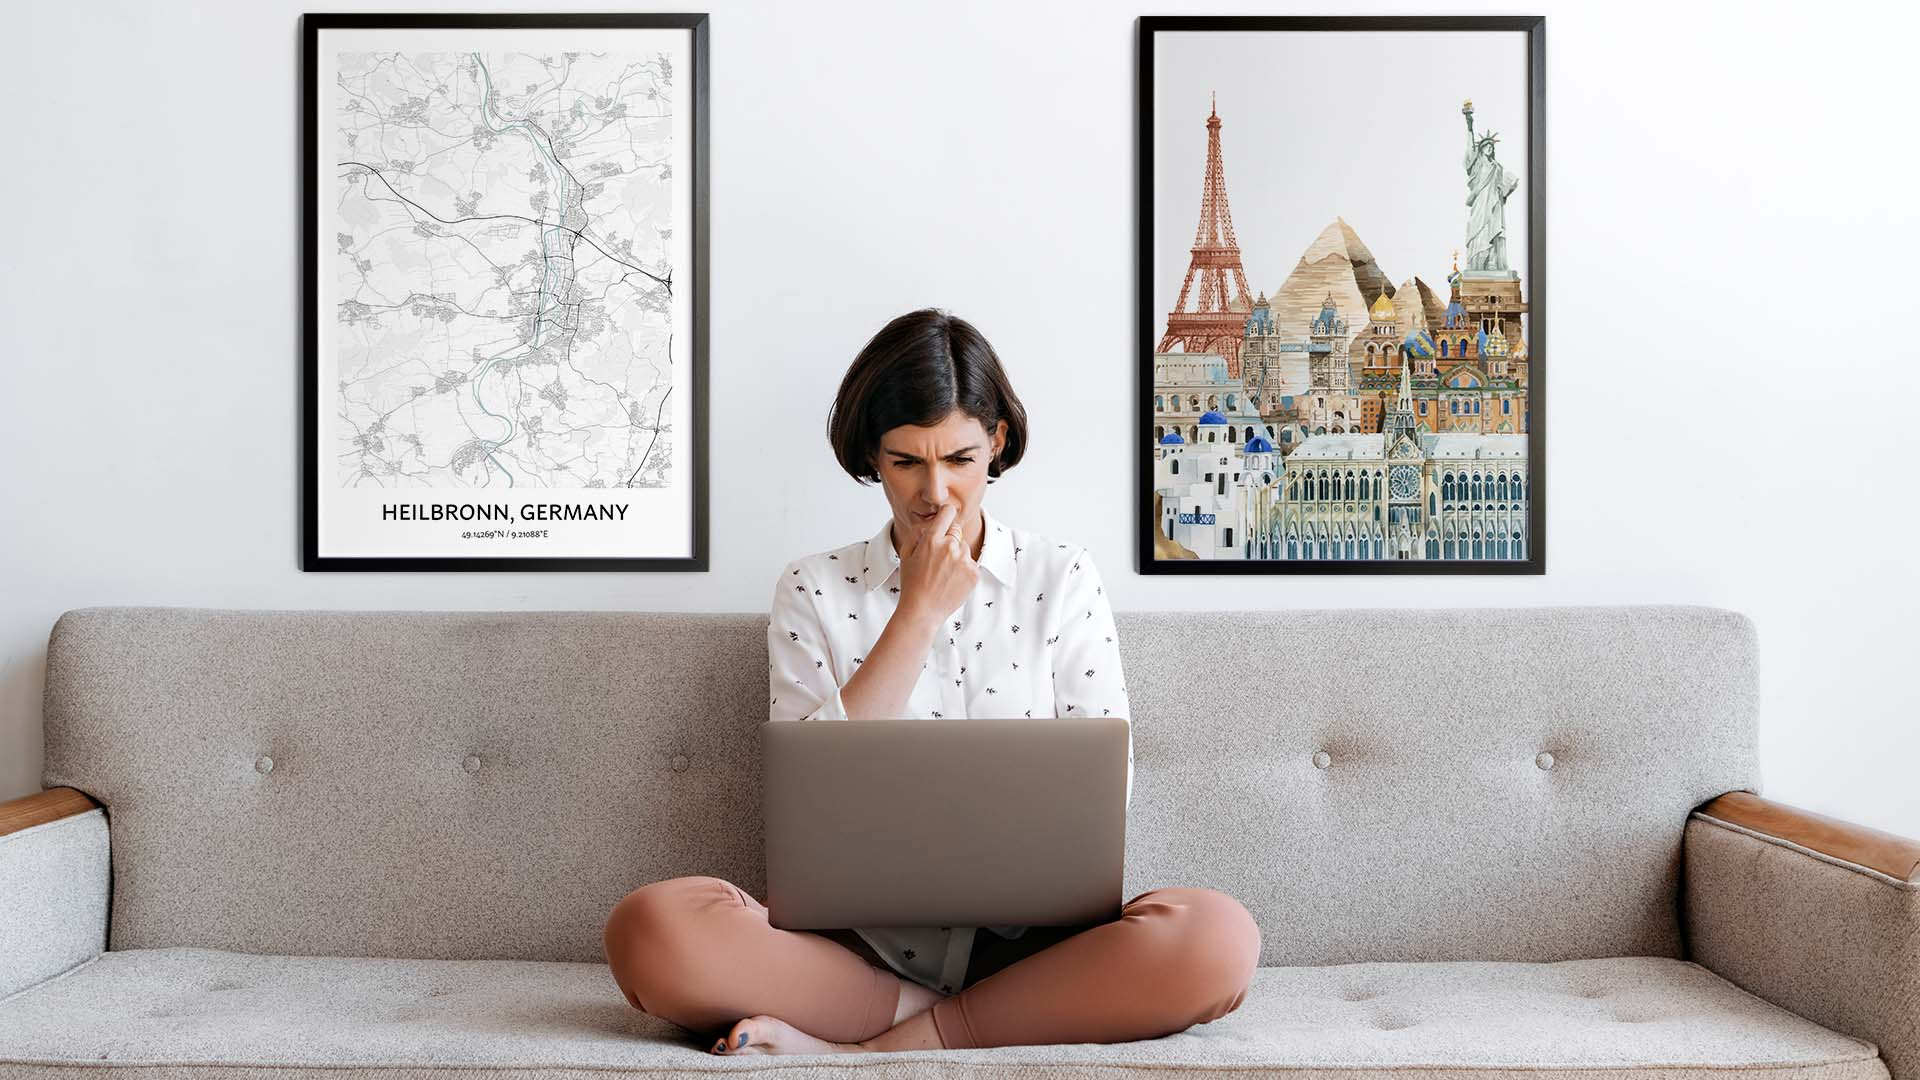 Heilbronn city map art